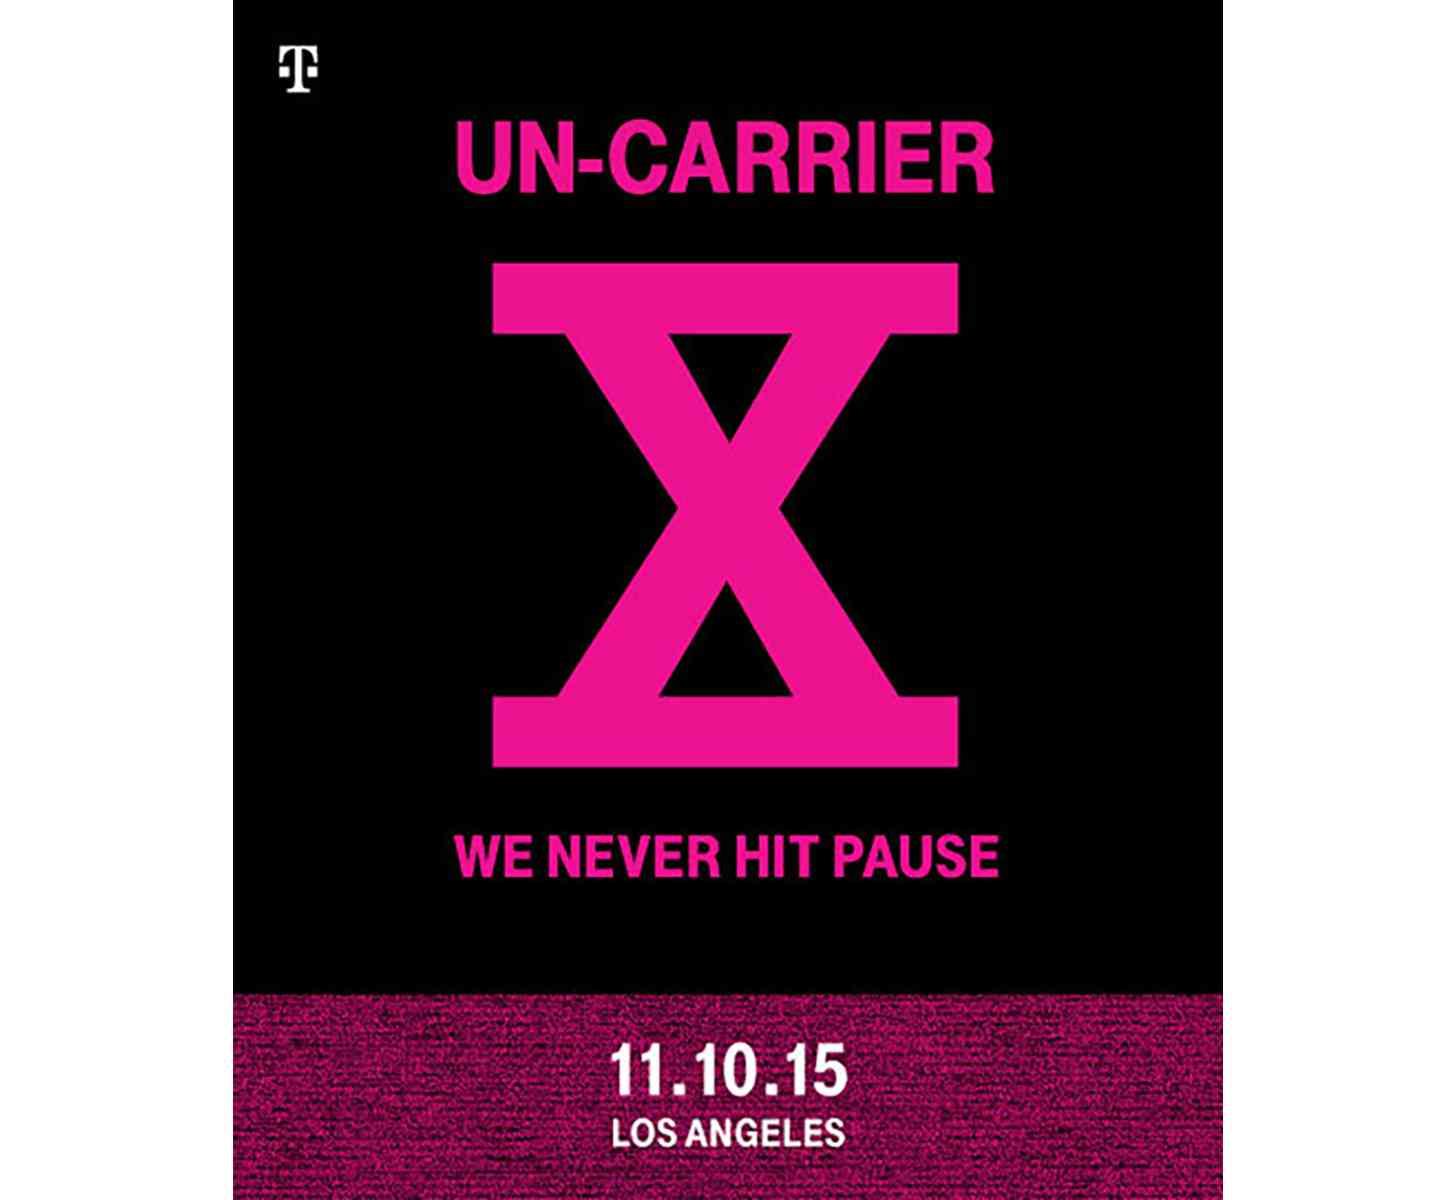 T-Mobile Un-carrier X invite